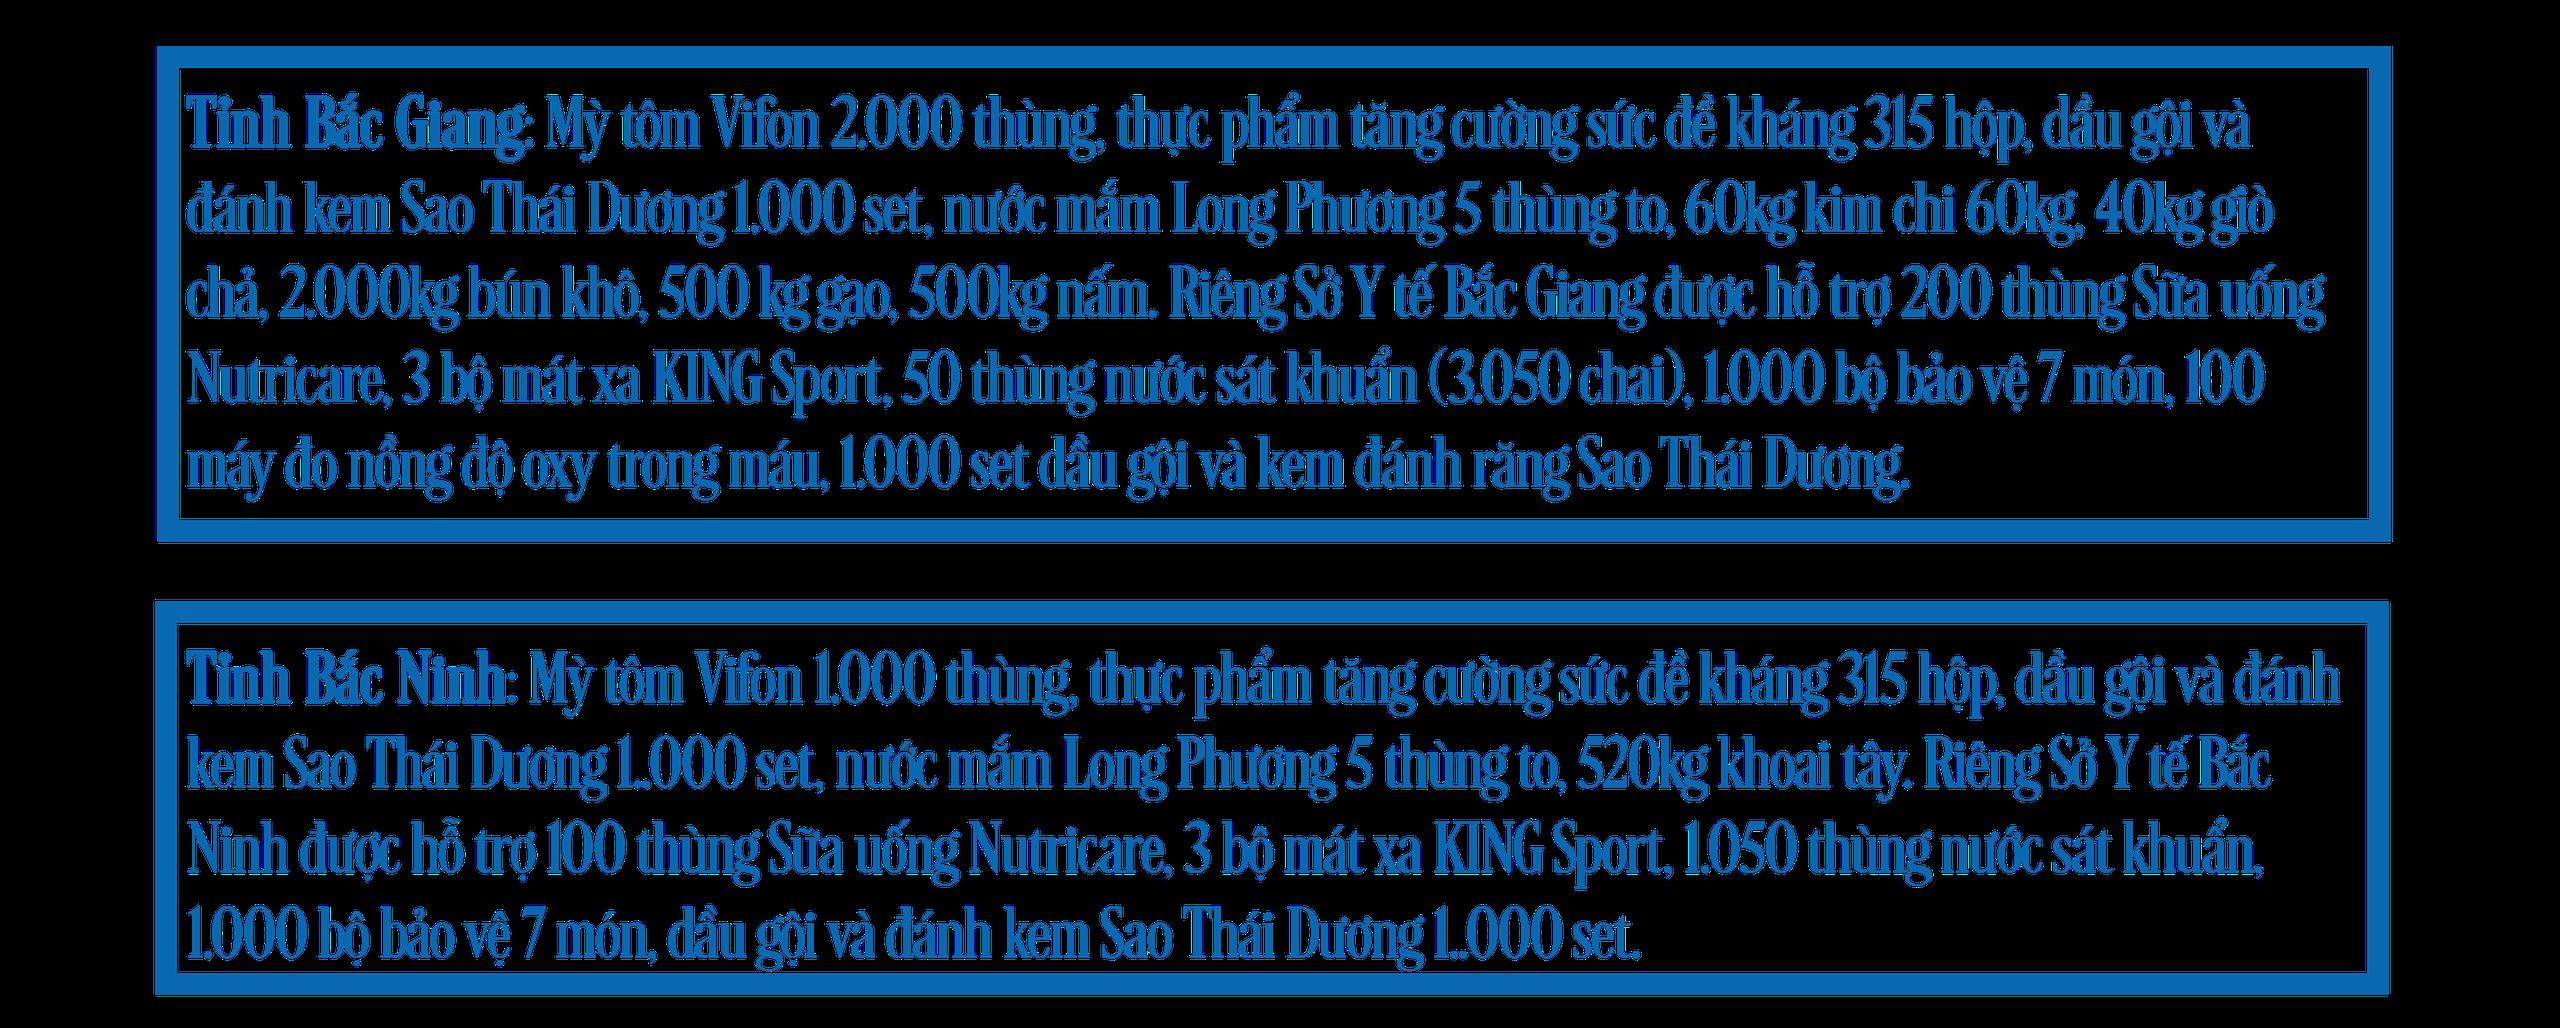 Báo Sức khỏe & Đời sống và Báo Gia đình & Xã hội kêu gọi hơn 1,8 tỷ đồng hỗ trợ Bắc Giang, Bắc Ninh chống dịch - Ảnh 14.